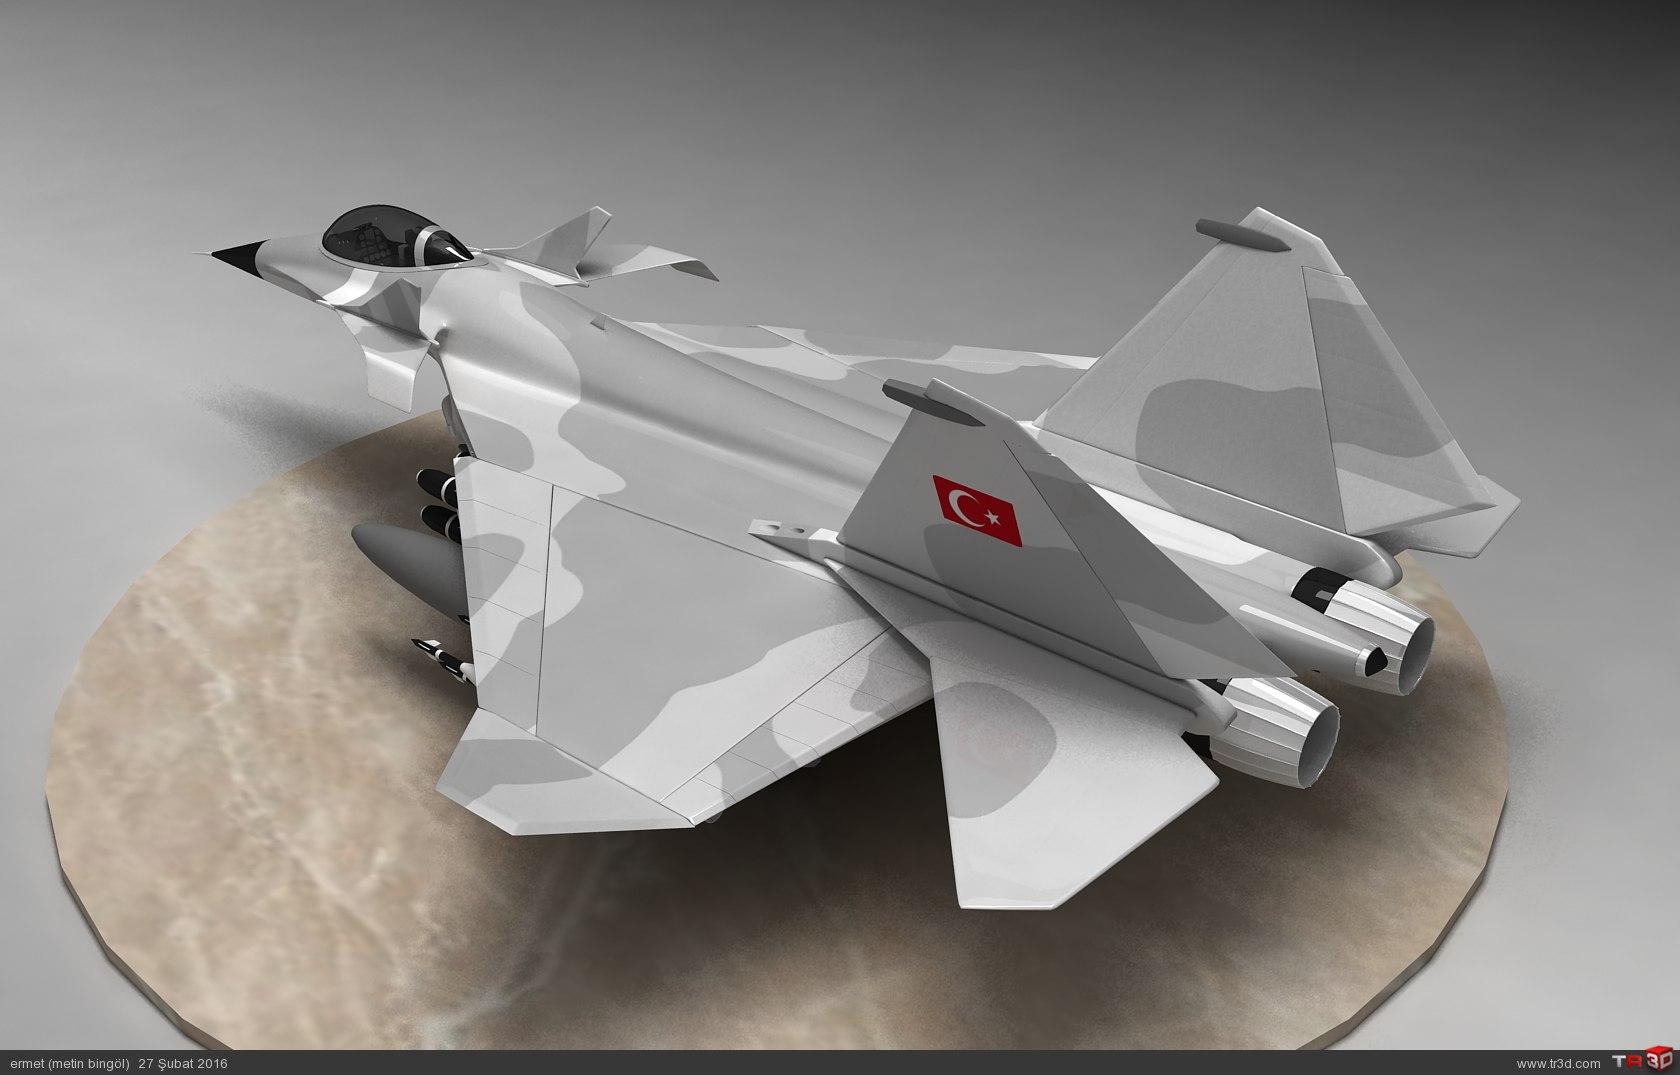 türk savaş uçağı metin serisi  (M 15) 3